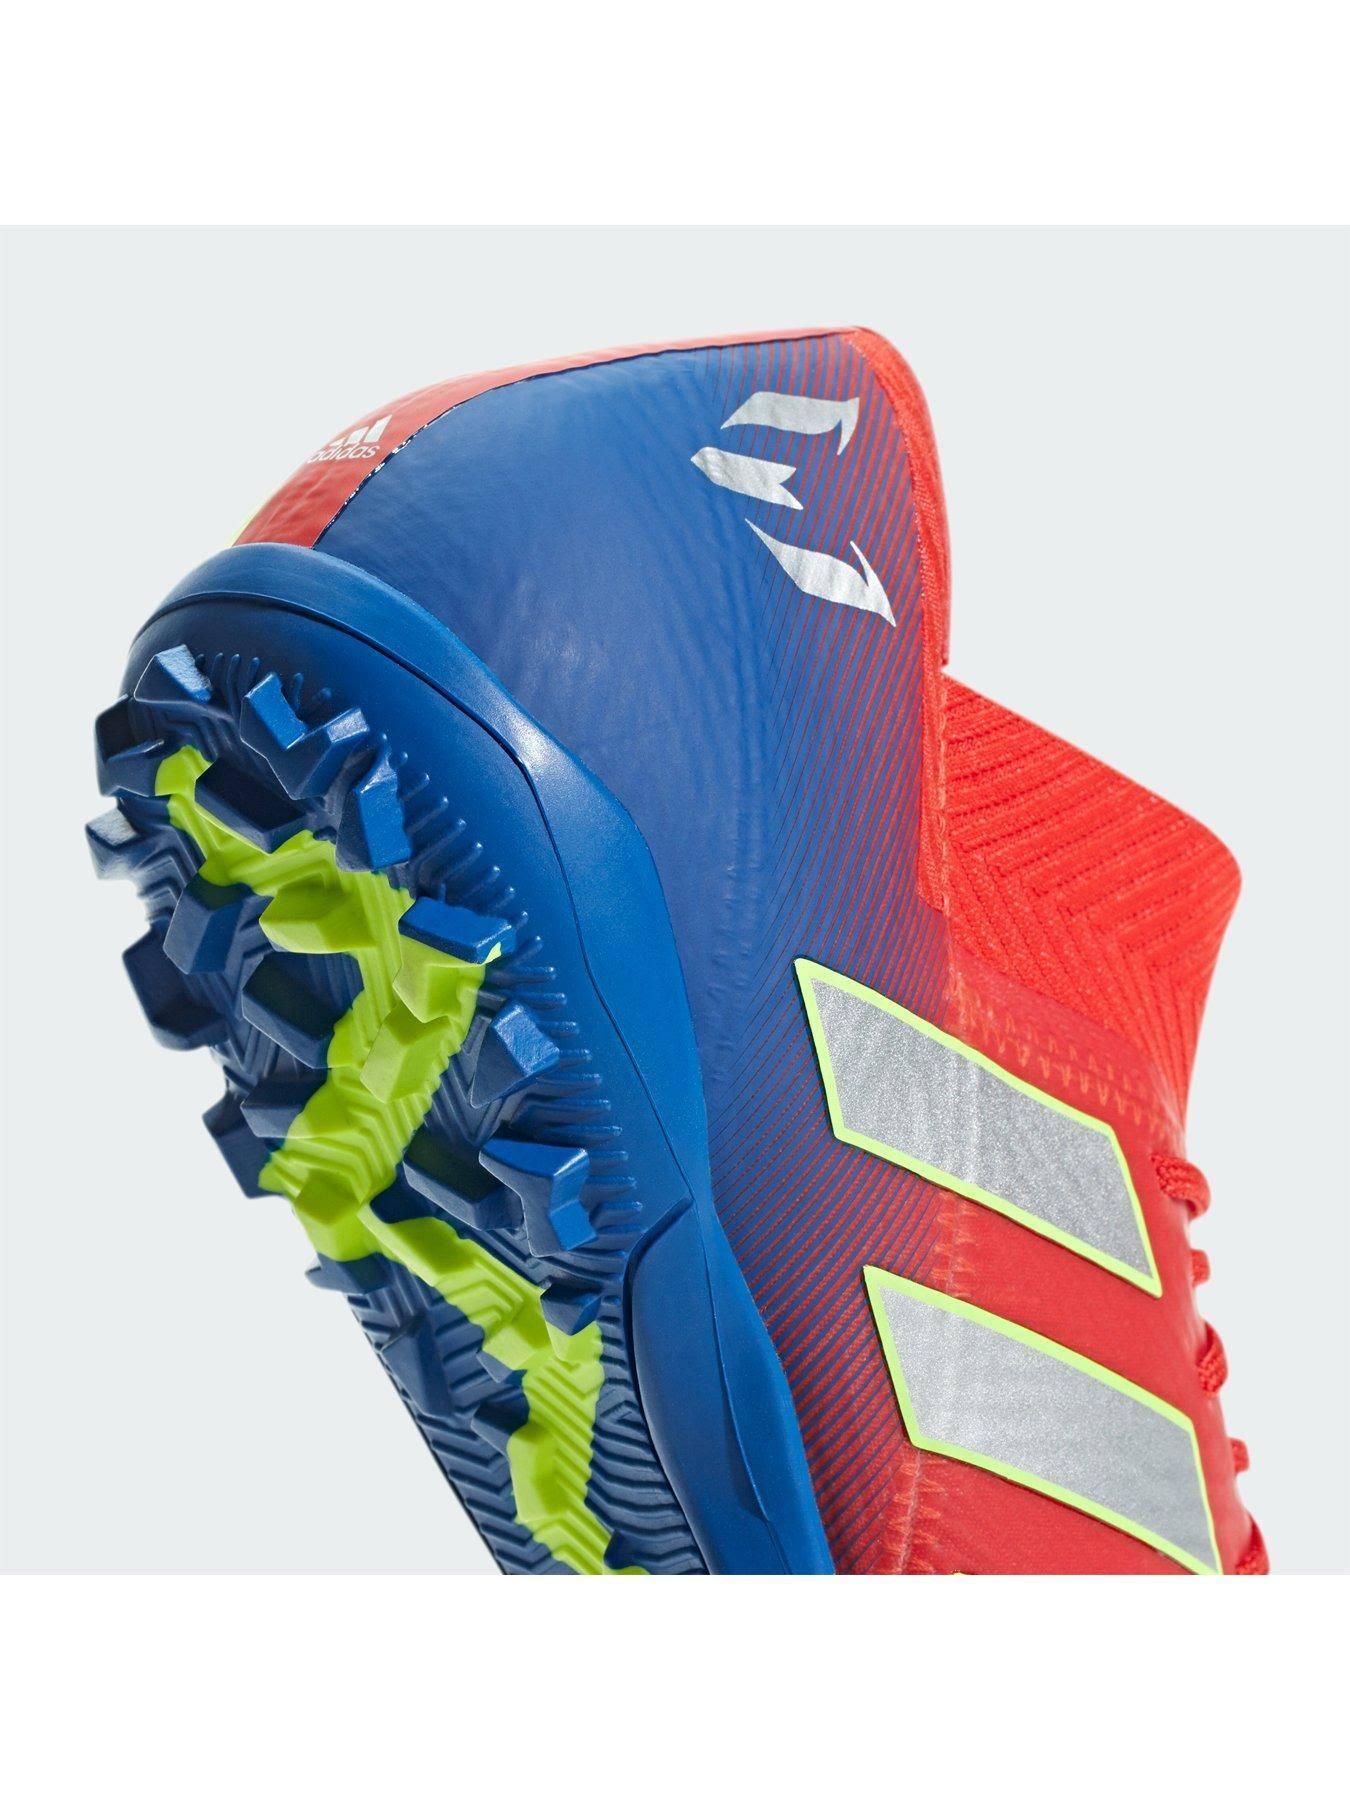 Shoes adidas NEMEZIZ MESSI 18.3 FG D97267